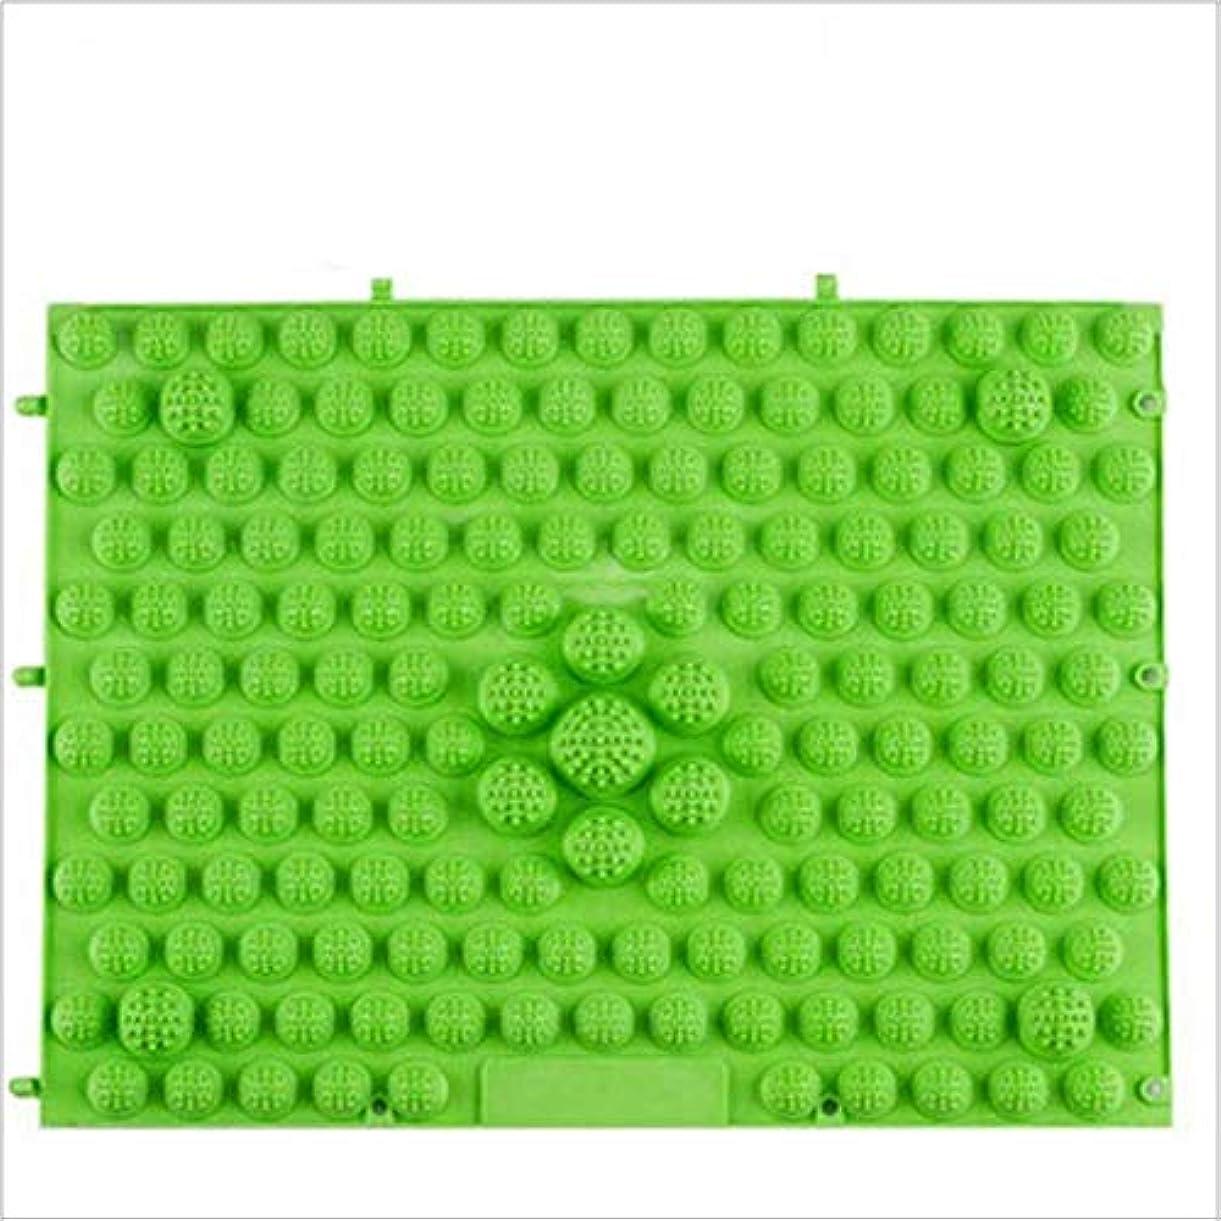 眉禁じる前部ウォークマット 裏板セット(ABS樹脂製補強板付き) (グリーン)